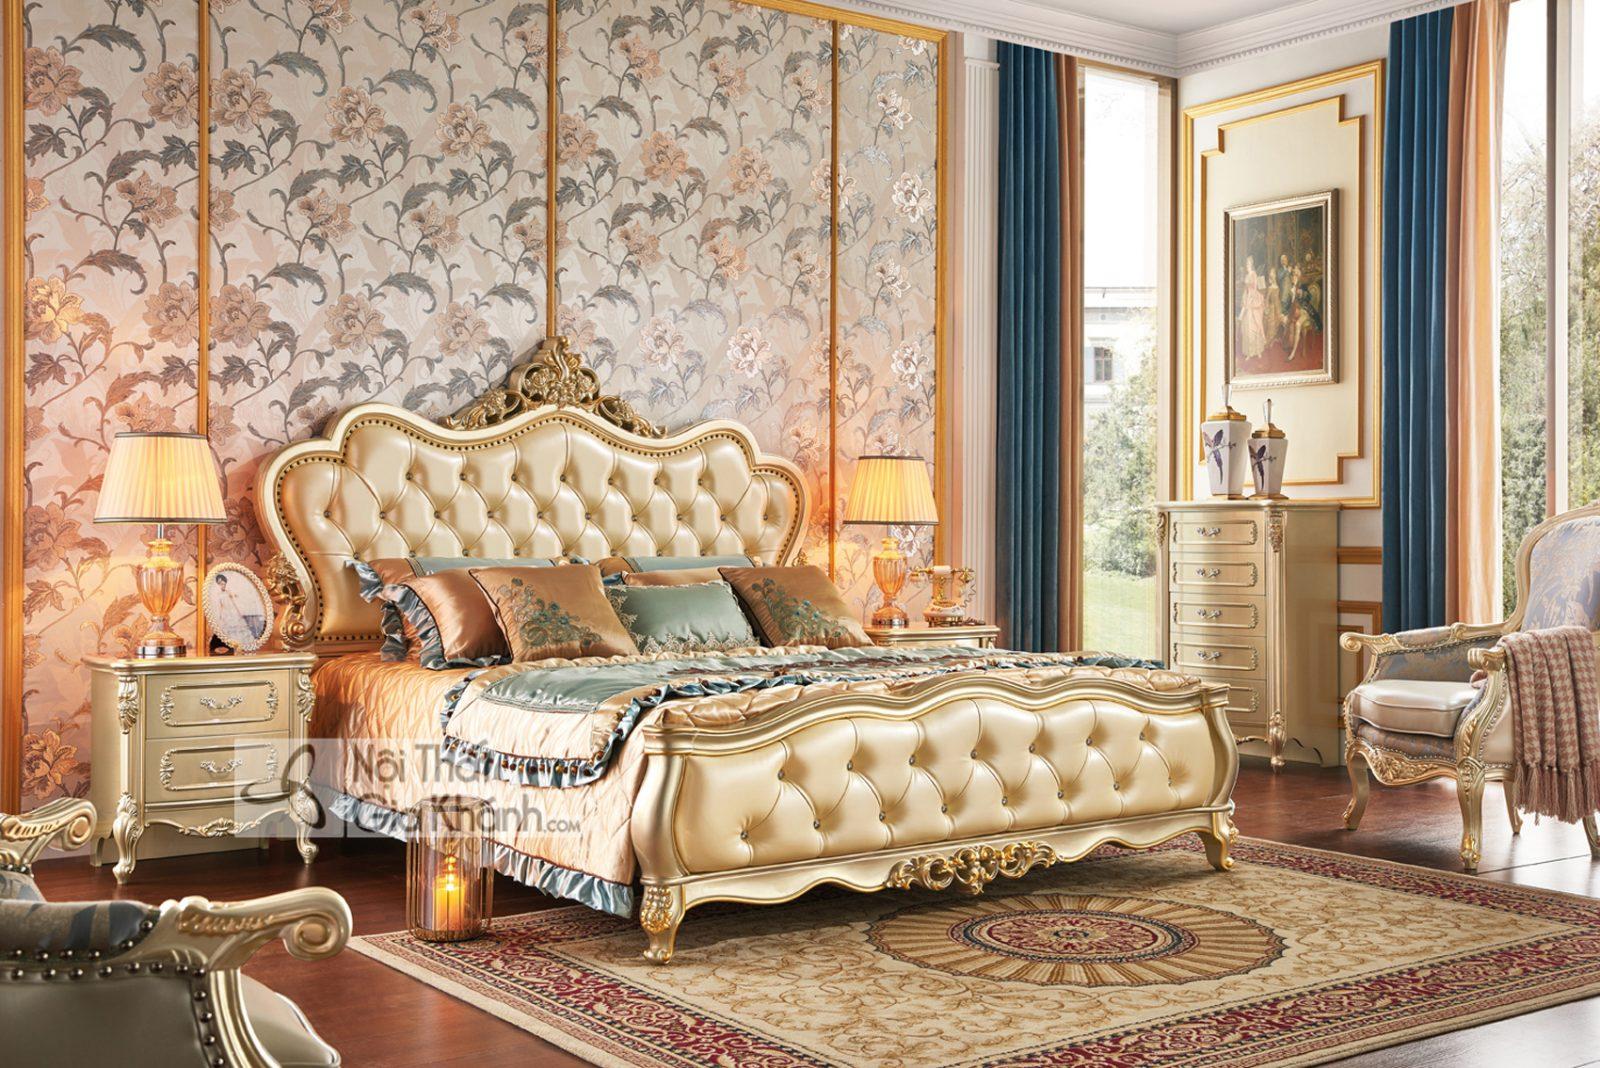 Giường Ngủ Tân Cổ Điển Màu Vàng Rượu Sampanh Gi8823A Đậm Chất Hoa Mỹ